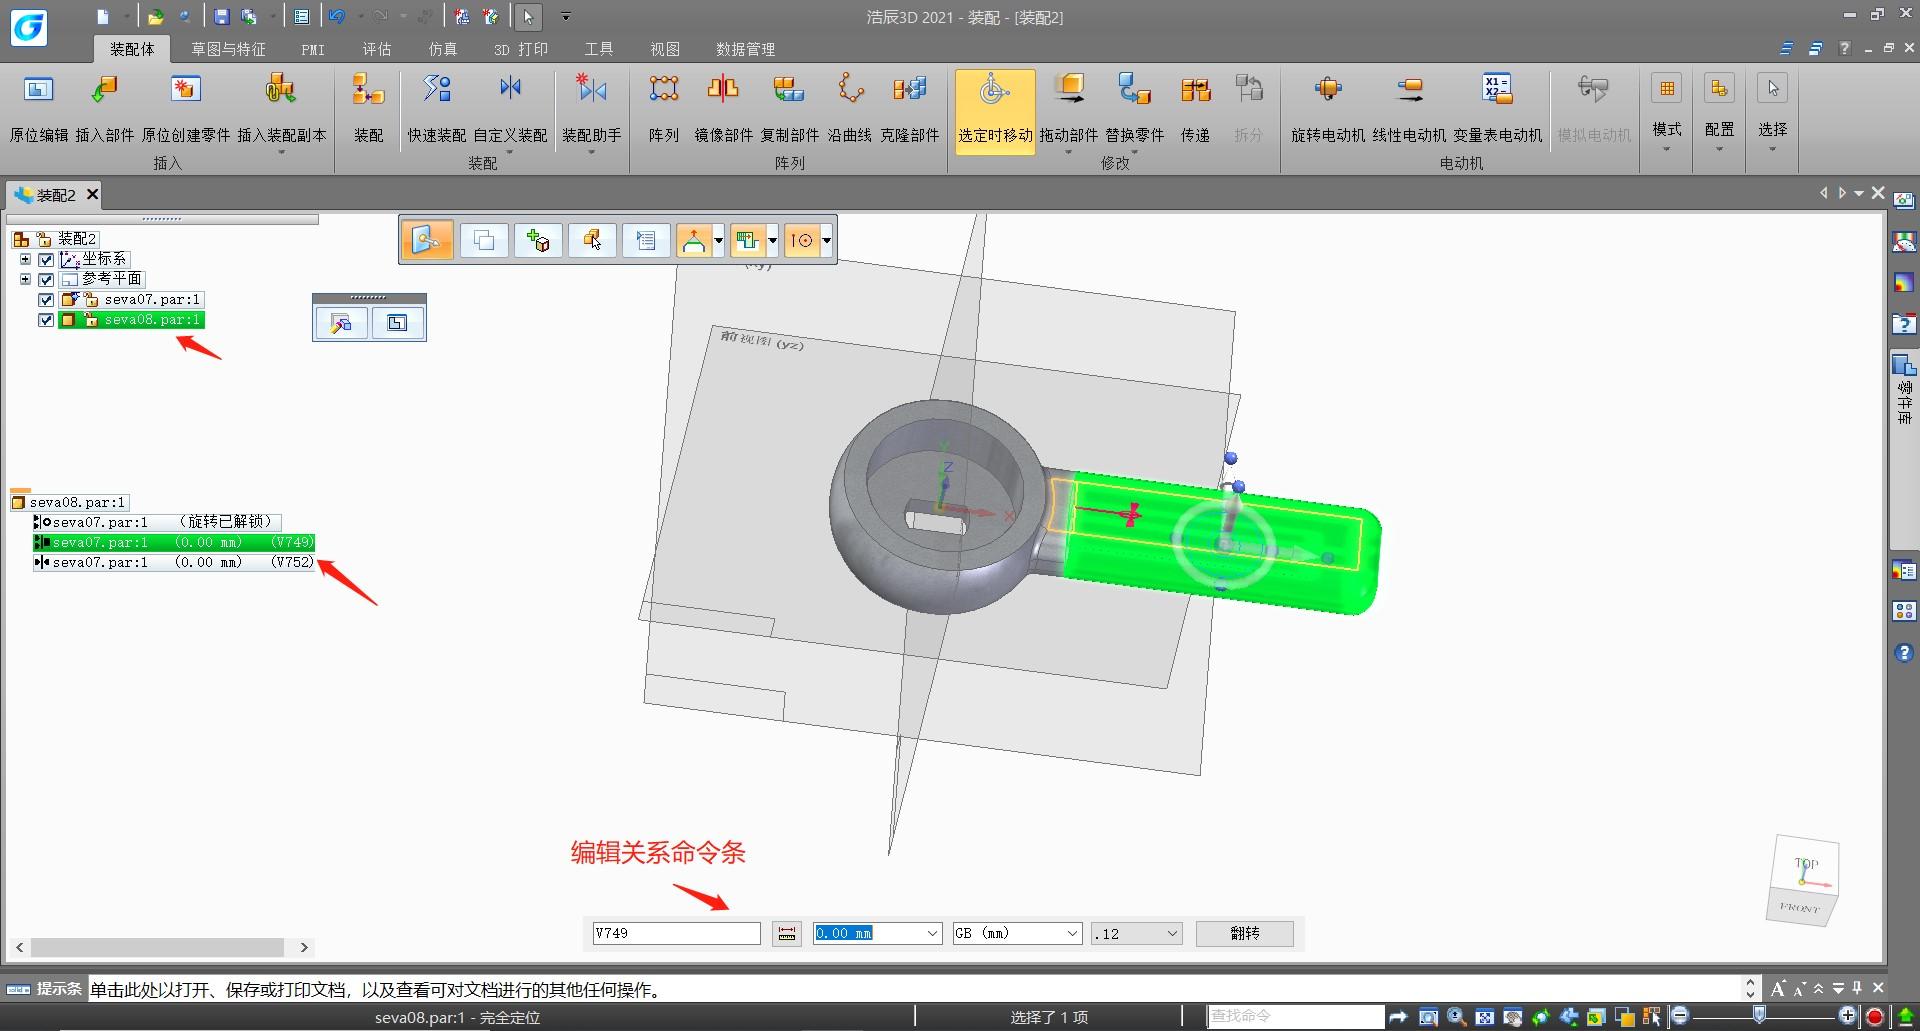 3D建模时修改贴合关系偏置值的方法